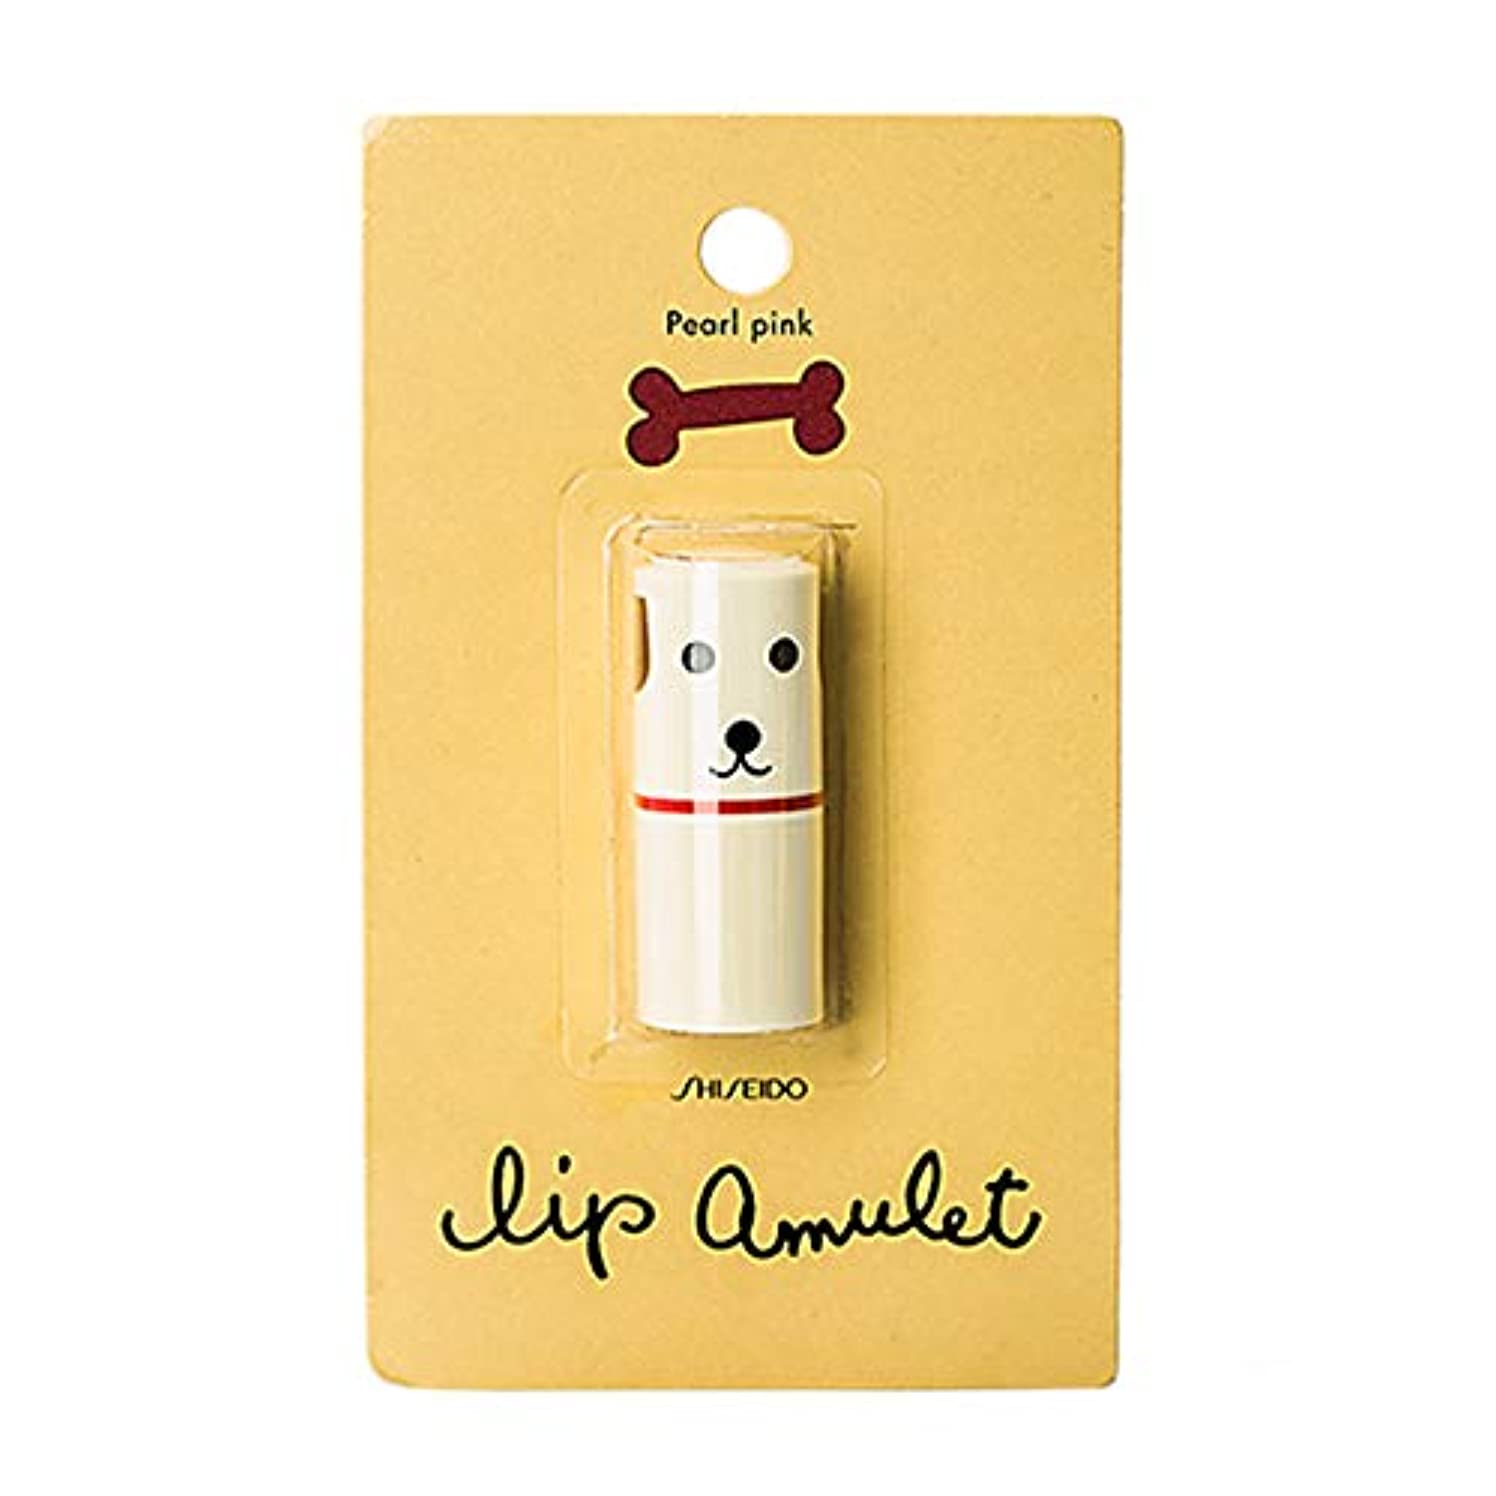 【台湾限定】資生堂 Shiseido リップアミュレット Lip Amulet お土産 コスメ 色つきリップ 単品 珍珠粉紅 (パールピンク) [並行輸入品]